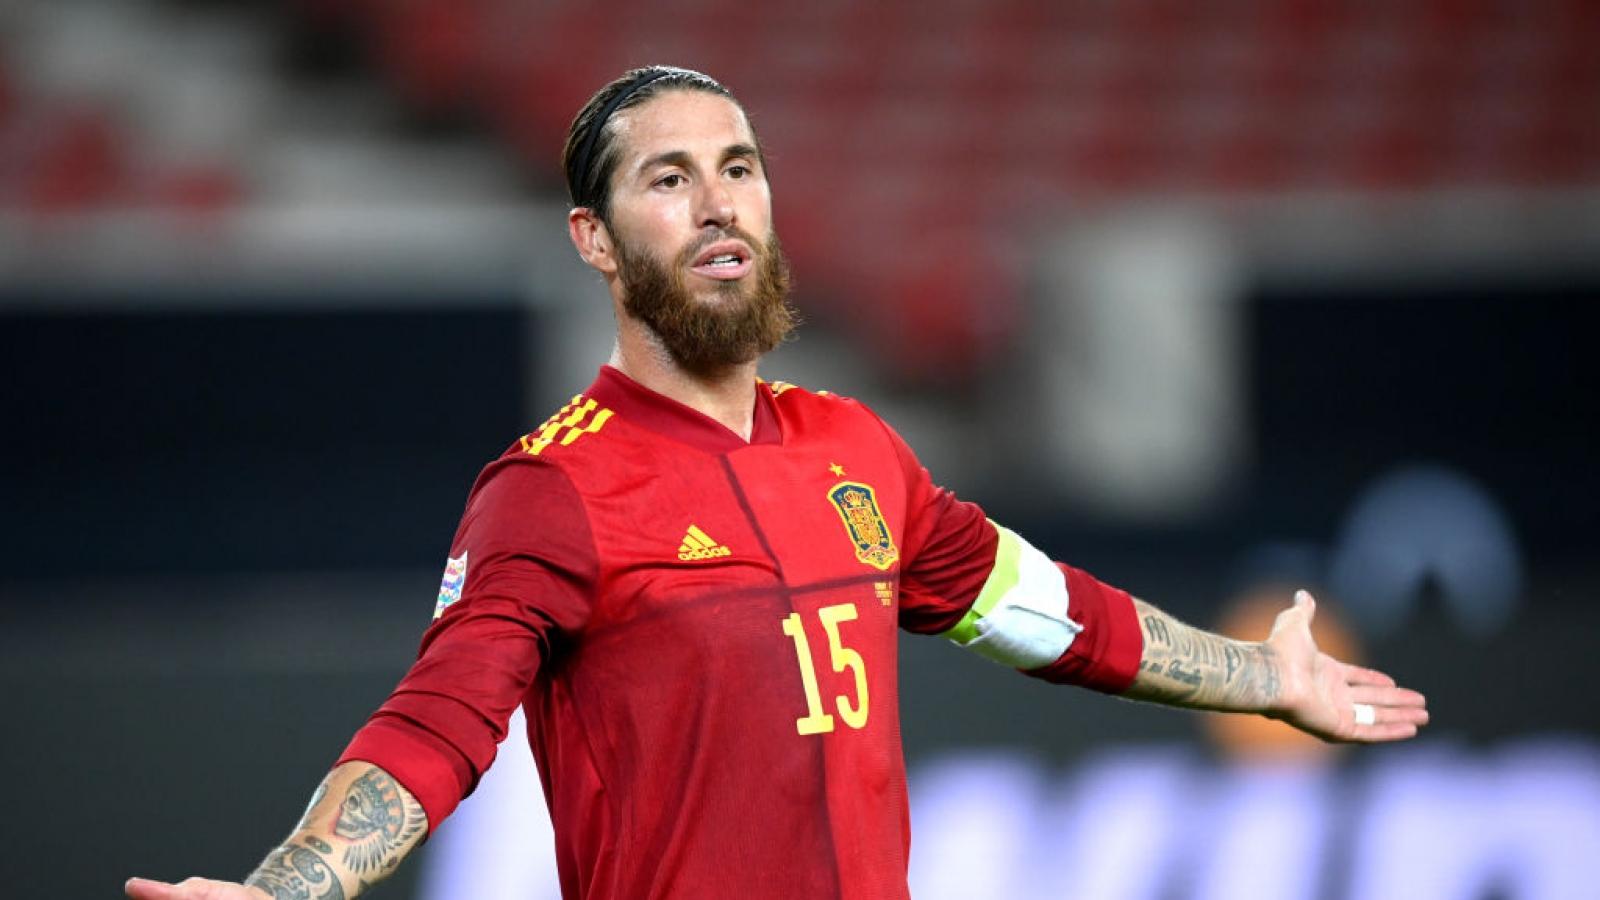 Danh sách ĐT Tây Ban Nha dự EURO 2020: Sergio Ramos bị loại, không có cầu thủ Real Madrid